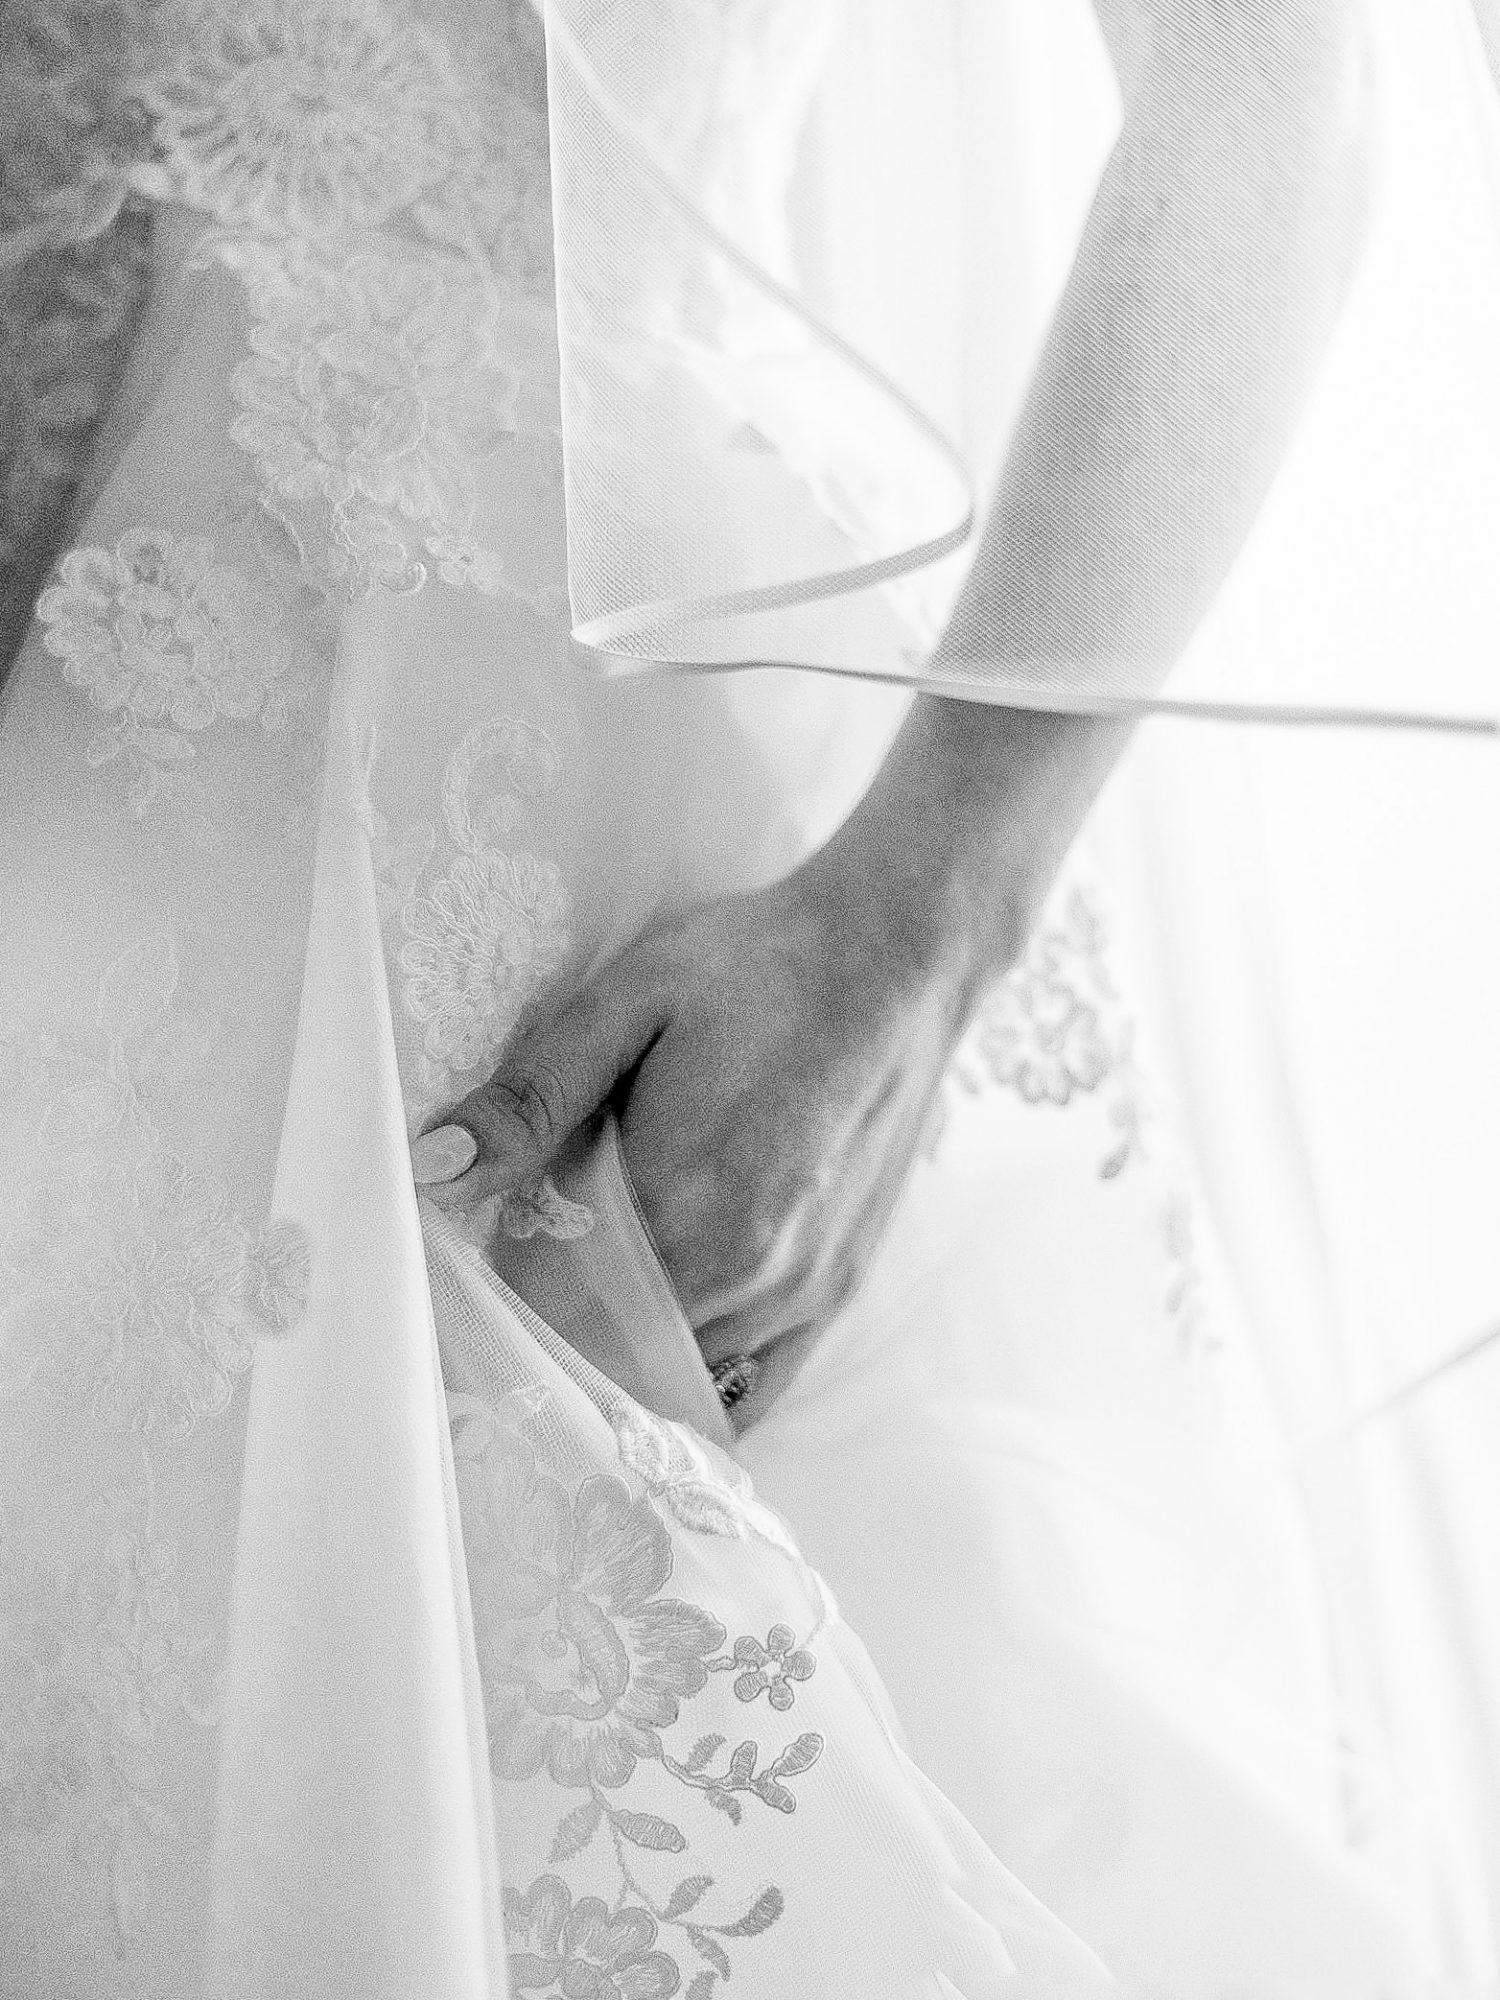 stephanie calvin wedding dress close up details